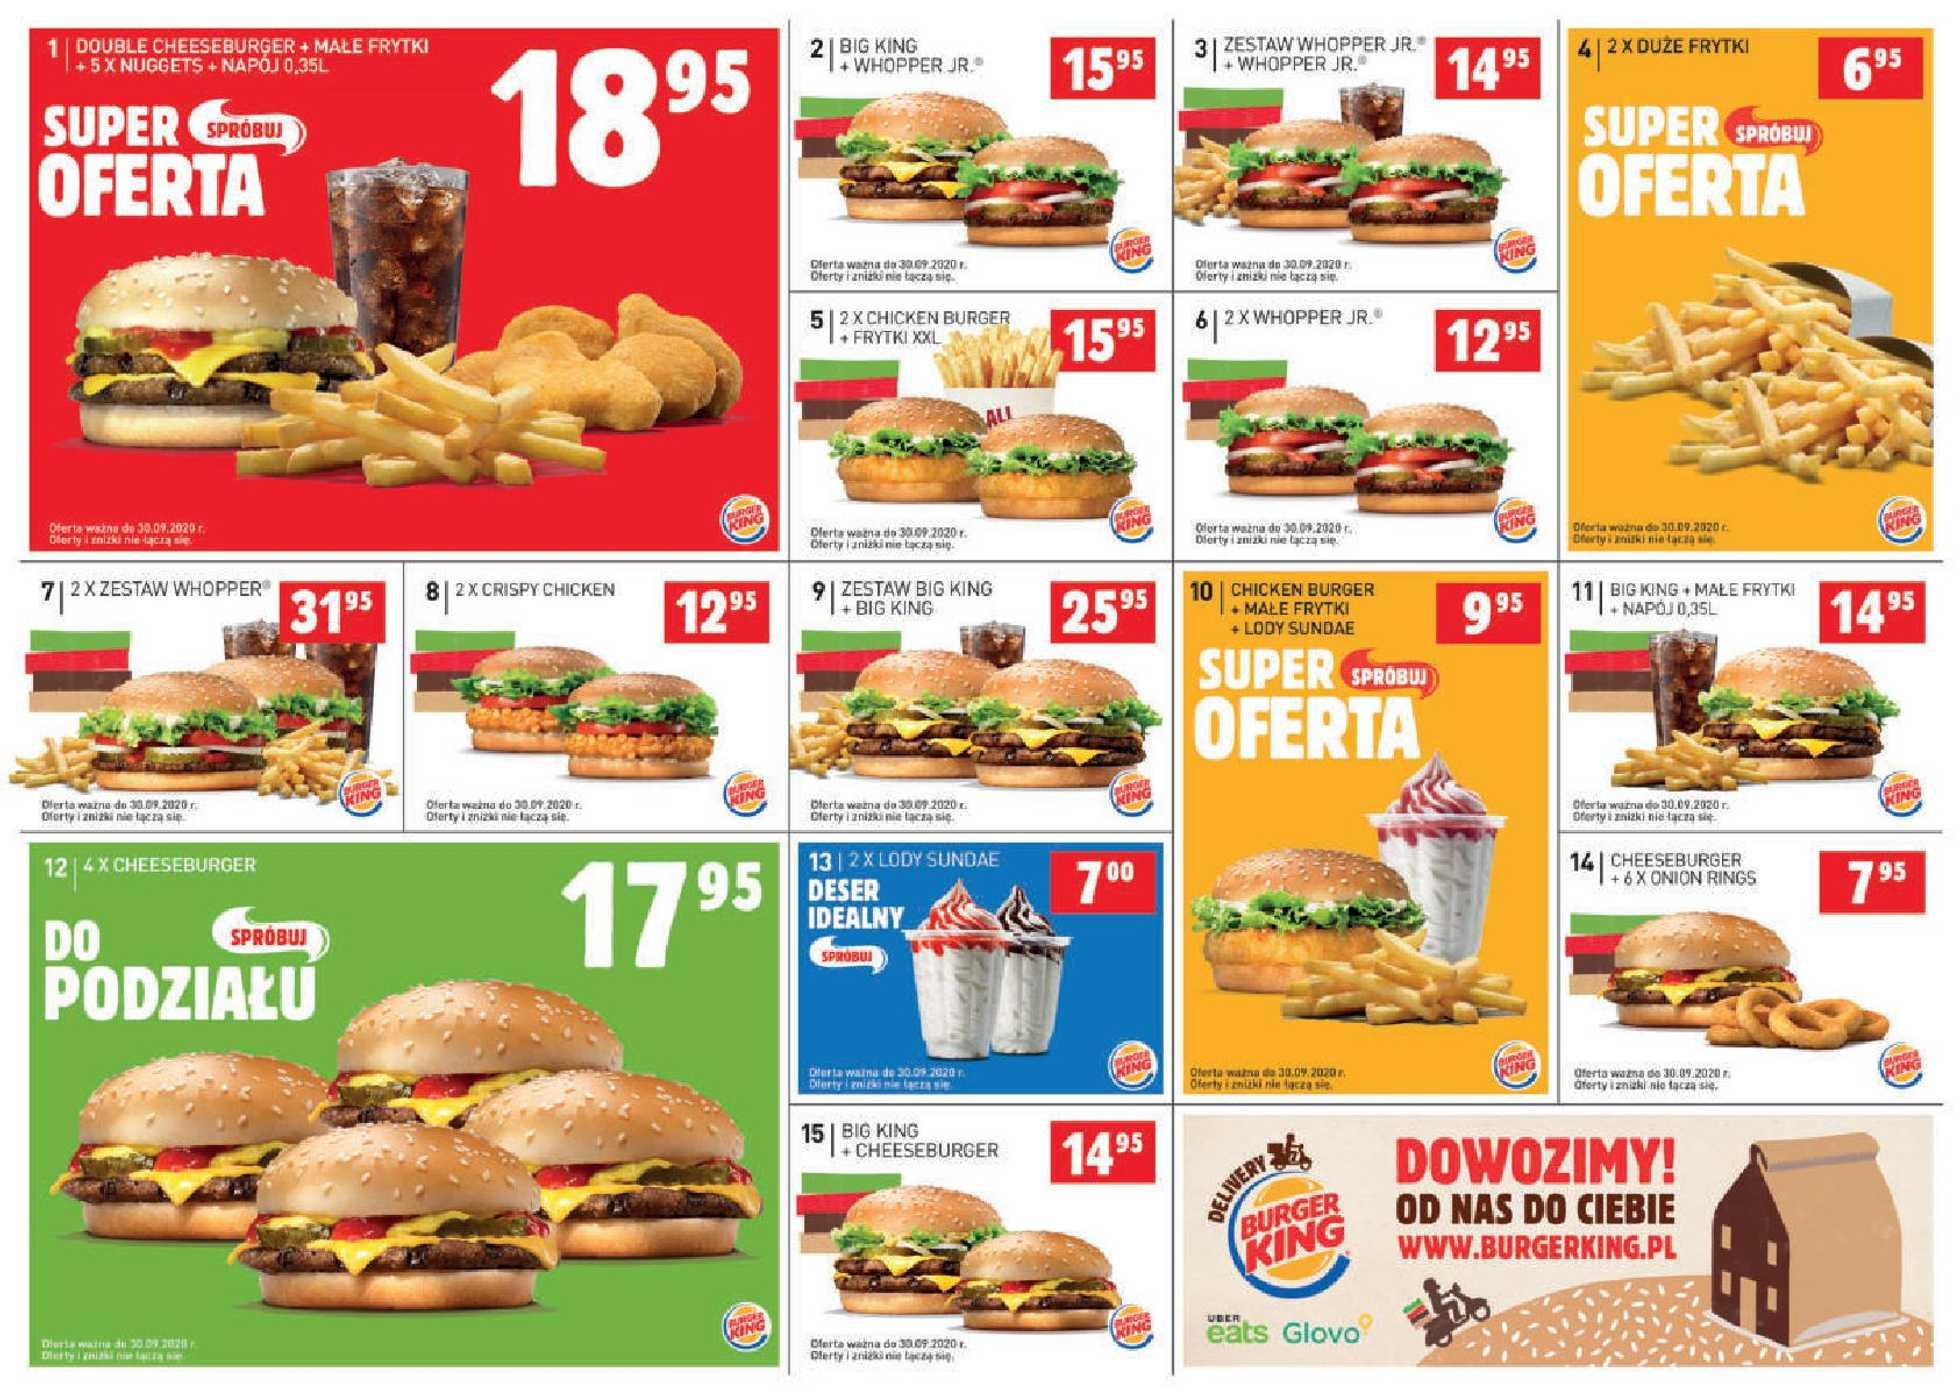 Burger King - gazetka promocyjna ważna od 20.08.2020 do 30.09.2020 - strona 1.